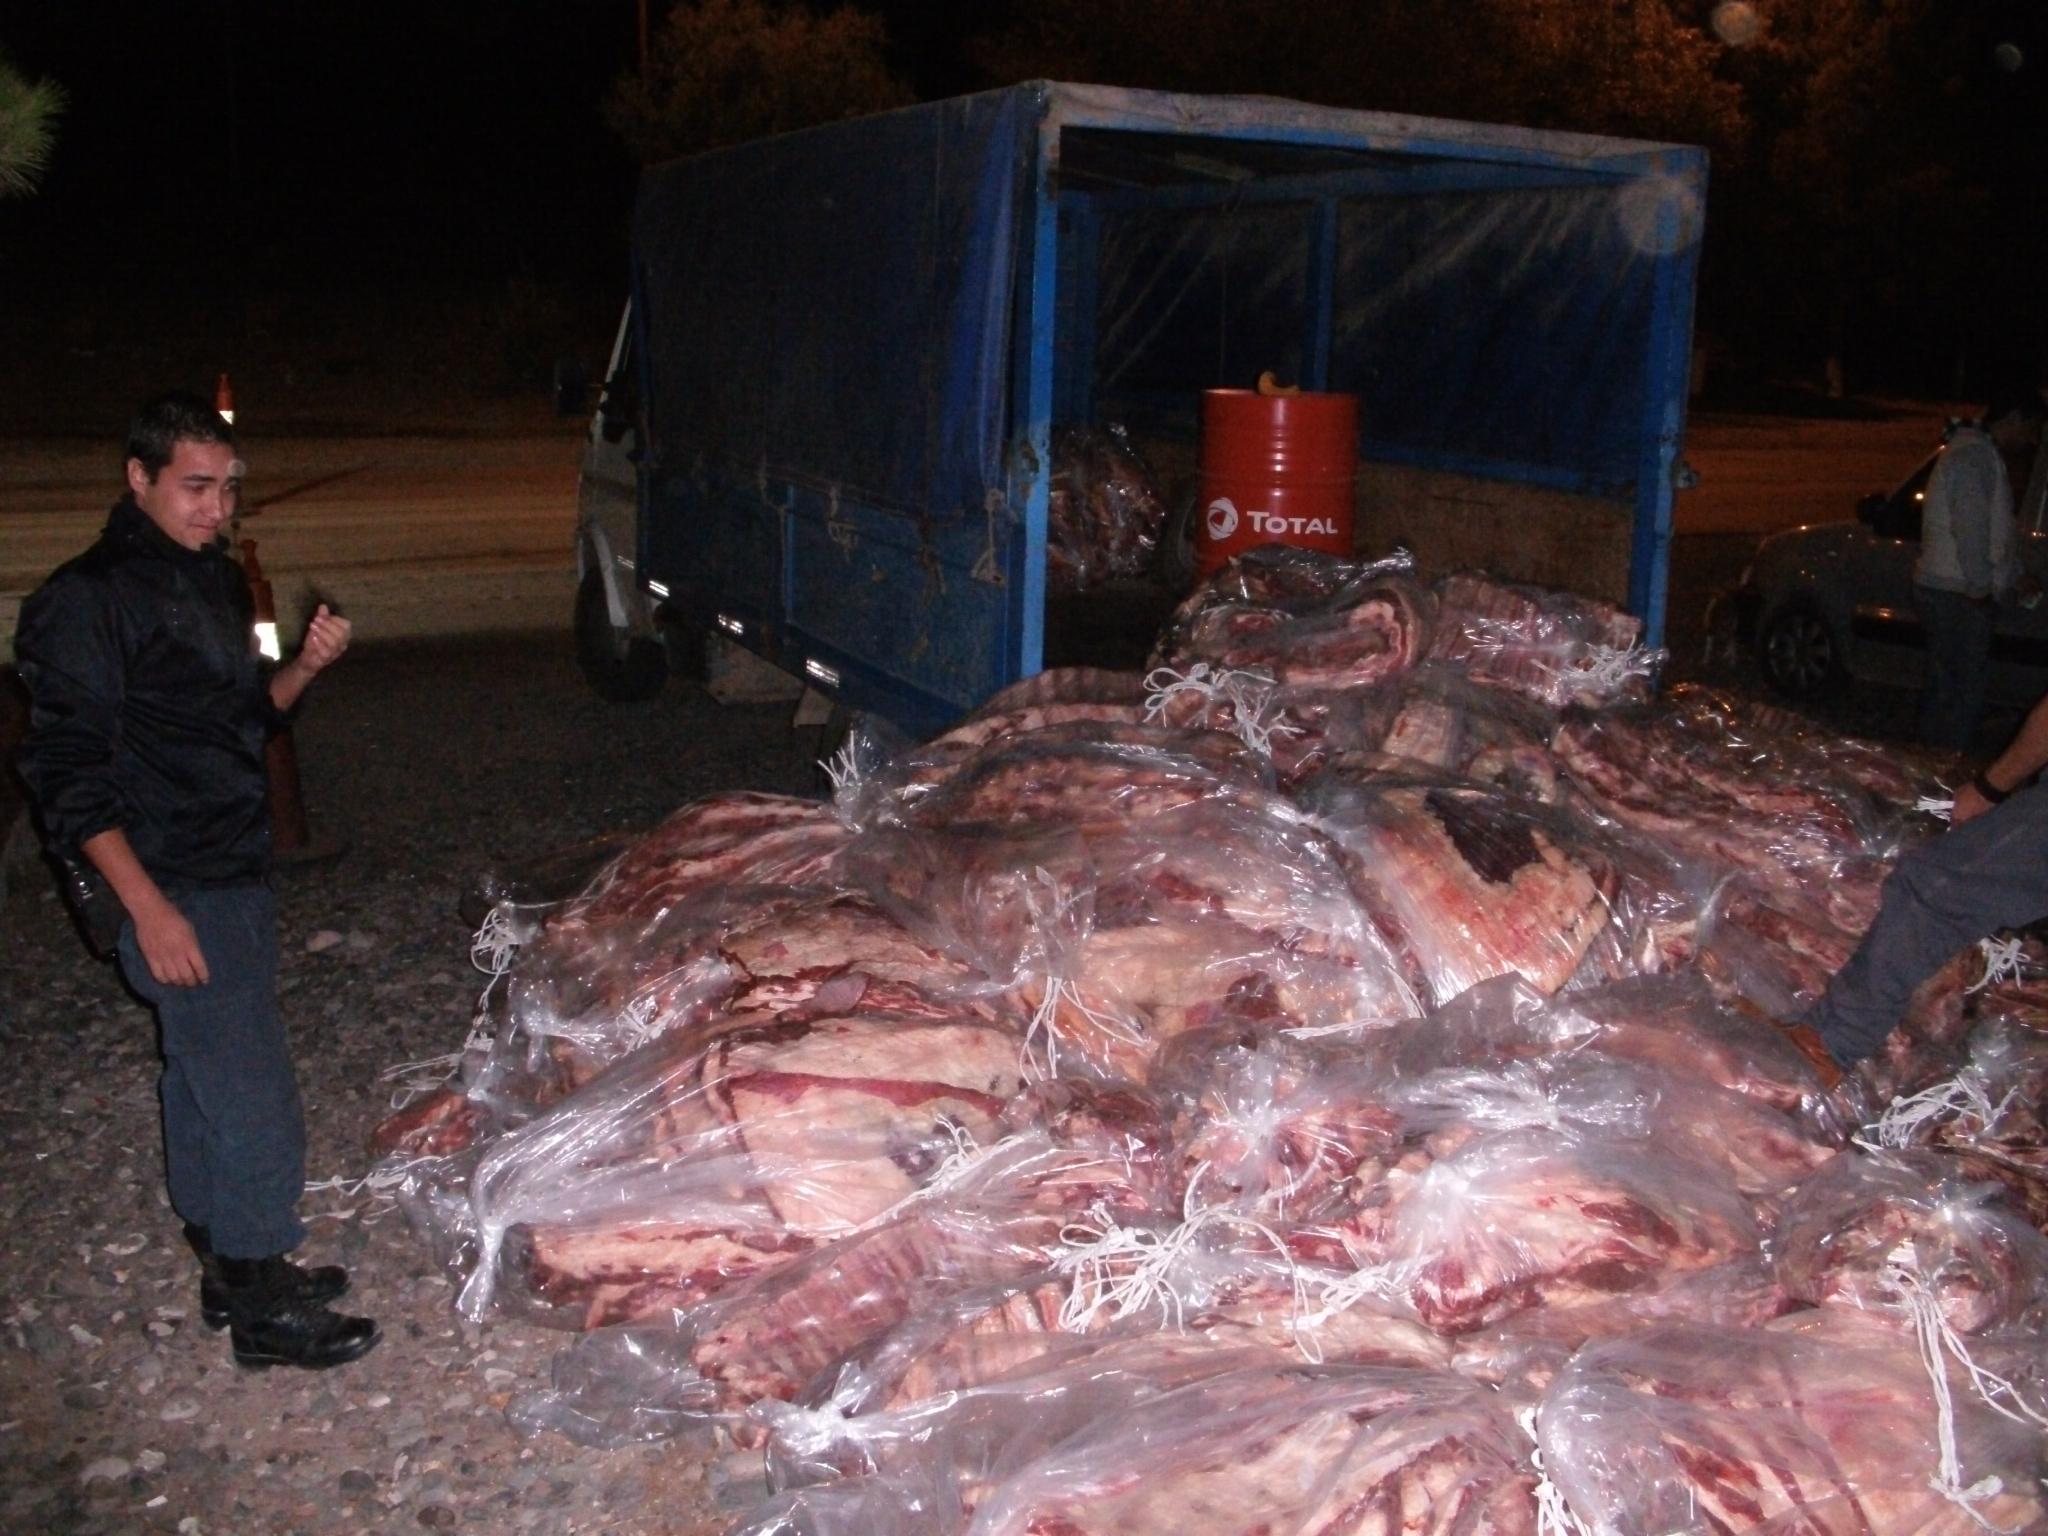 Incautaron 60 kg de carne y un camión con 3 toneladas de leña en Puente Dique